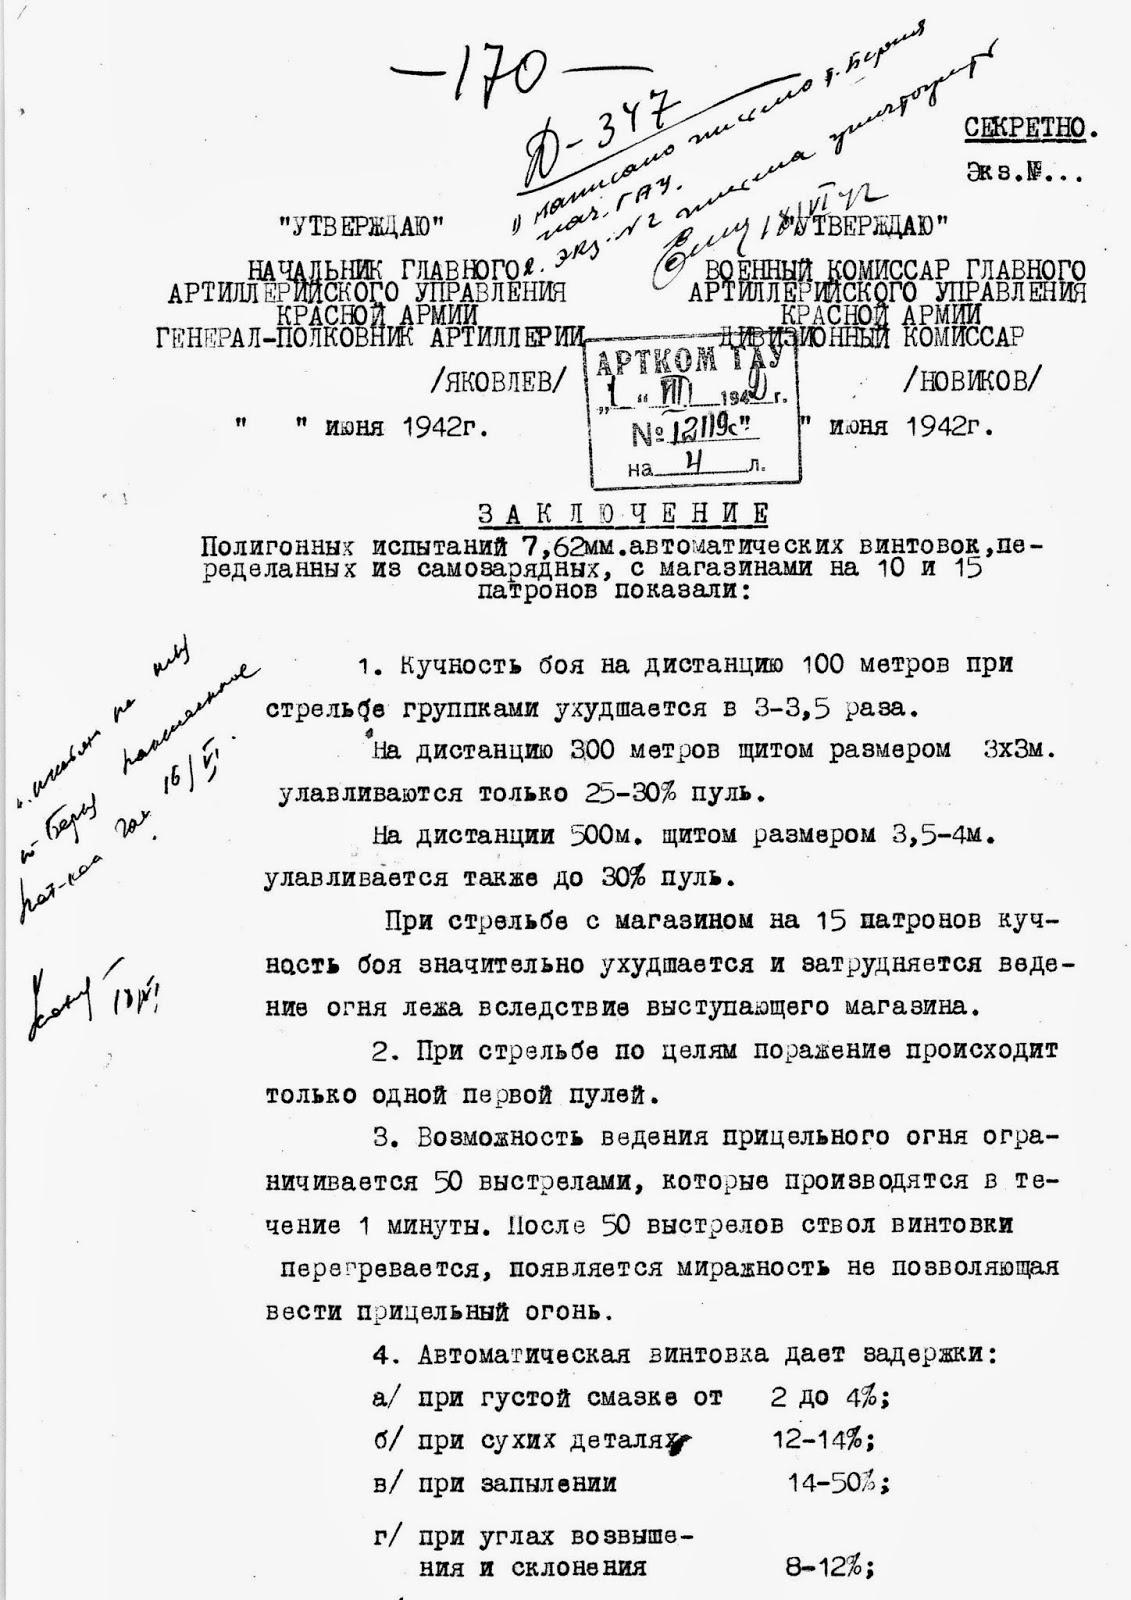 AVT-40 Testing Report